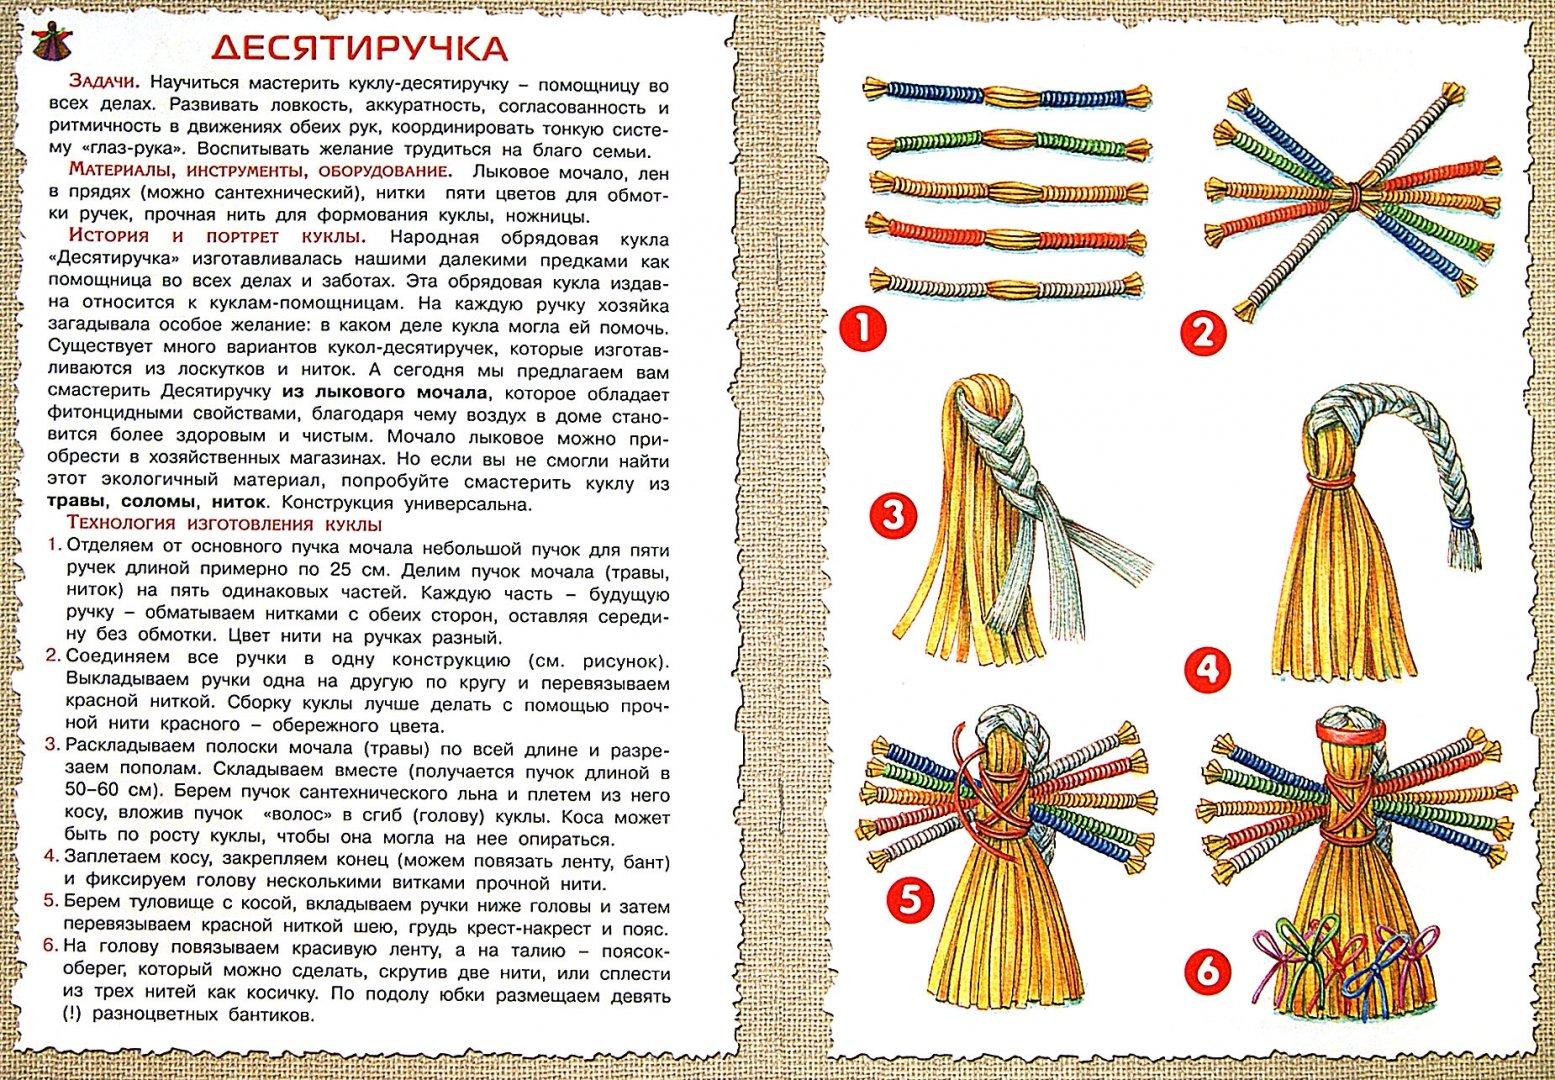 Иллюстрация 1 из 9 для Мои куколки. Мастерим игрушки из лоскутков - Ирина Лыкова   Лабиринт - книги. Источник: Лабиринт